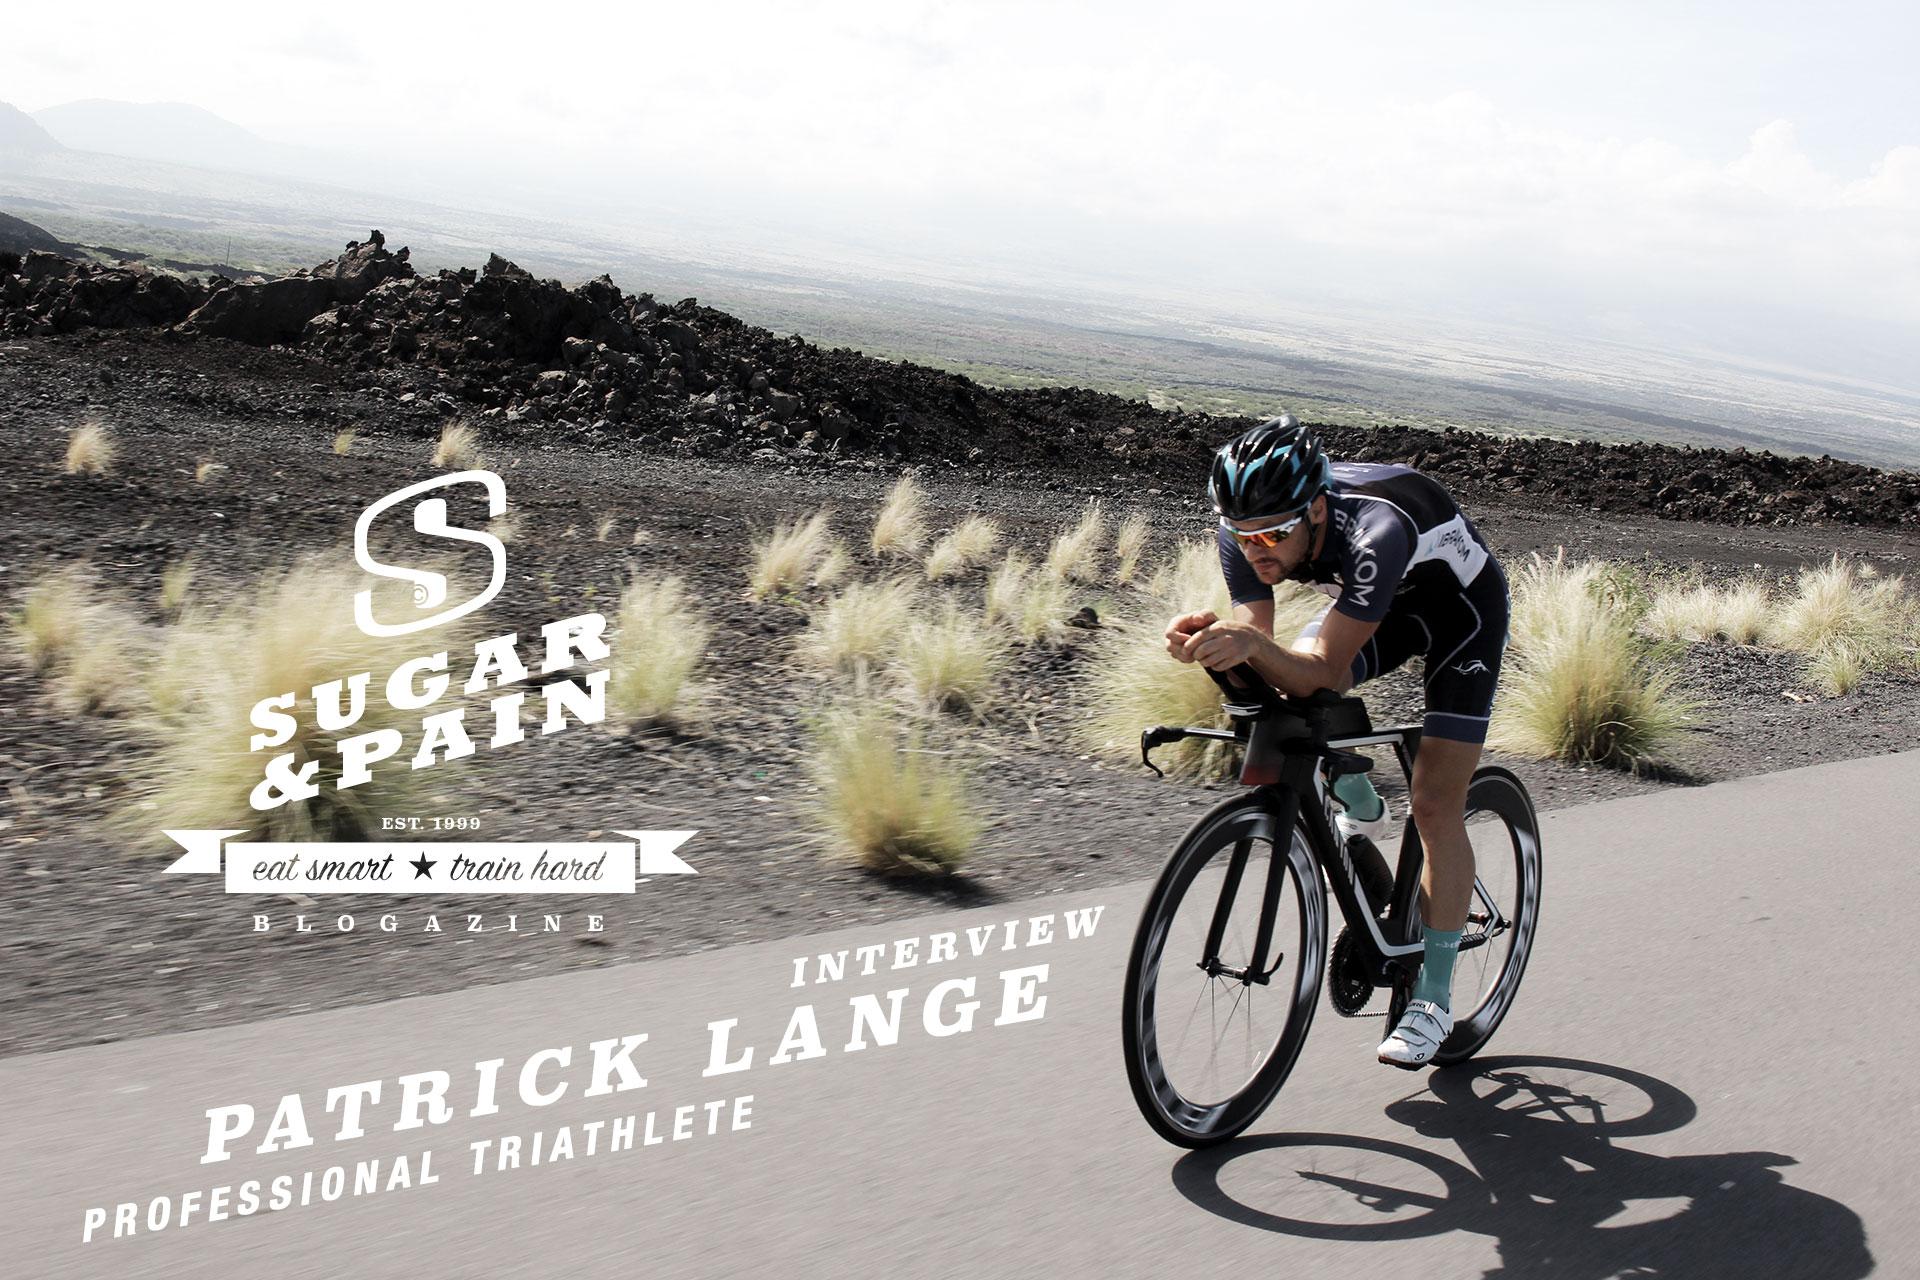 """INTERVIEW PATRICK LANGE """"Triathlon bis ich Hawaii gewinne"""" / Vor dem 8. Oktober 2016 kannte kaum jemand Patrick Lange bis sich der deutsche Rekordzeit auf's Podium von Kona katapultierte."""